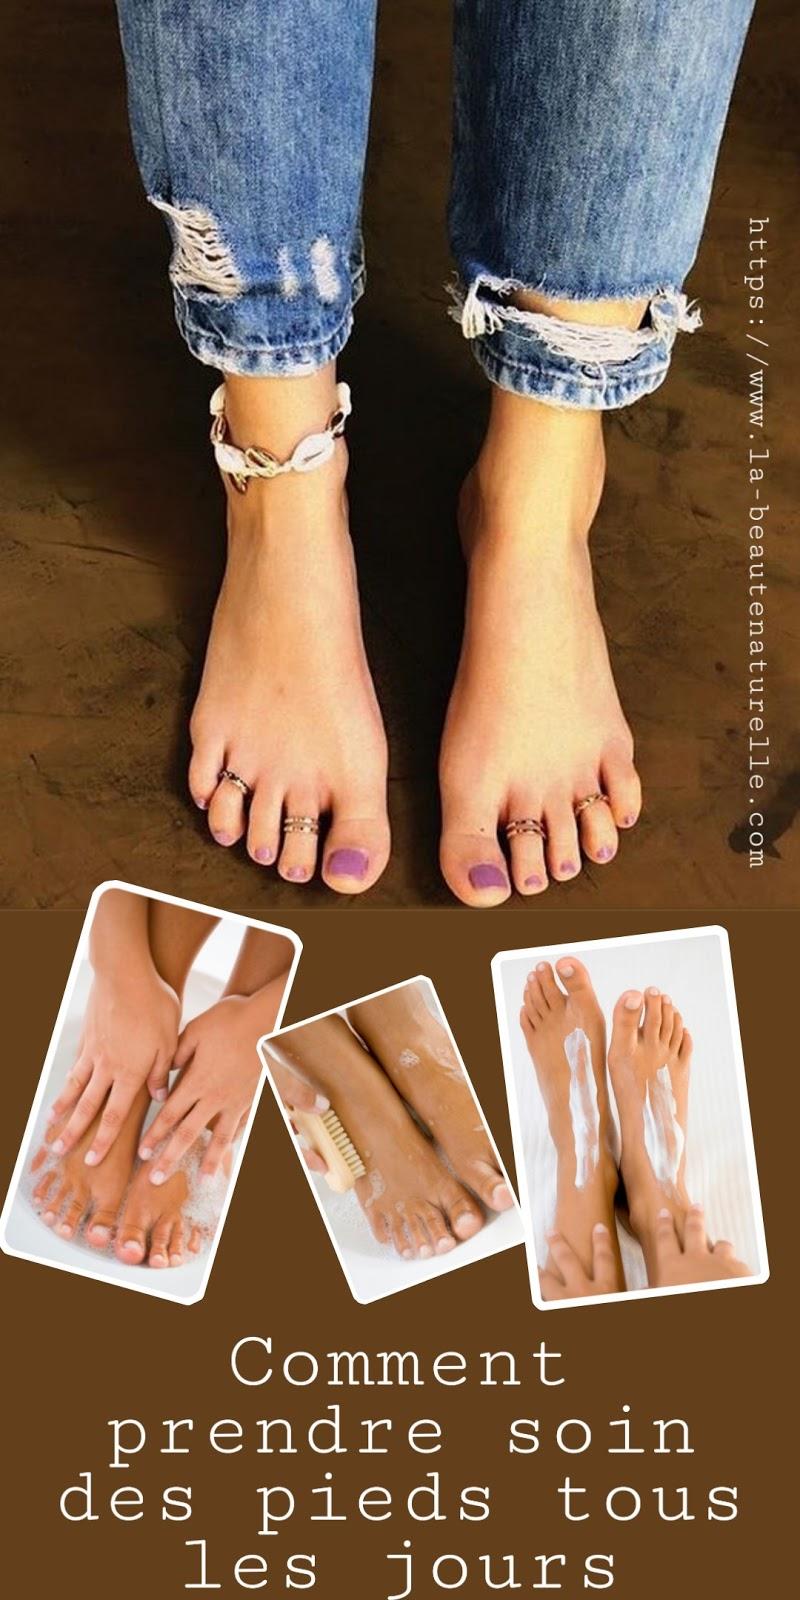 Comment prendre soin des pieds tous les jours